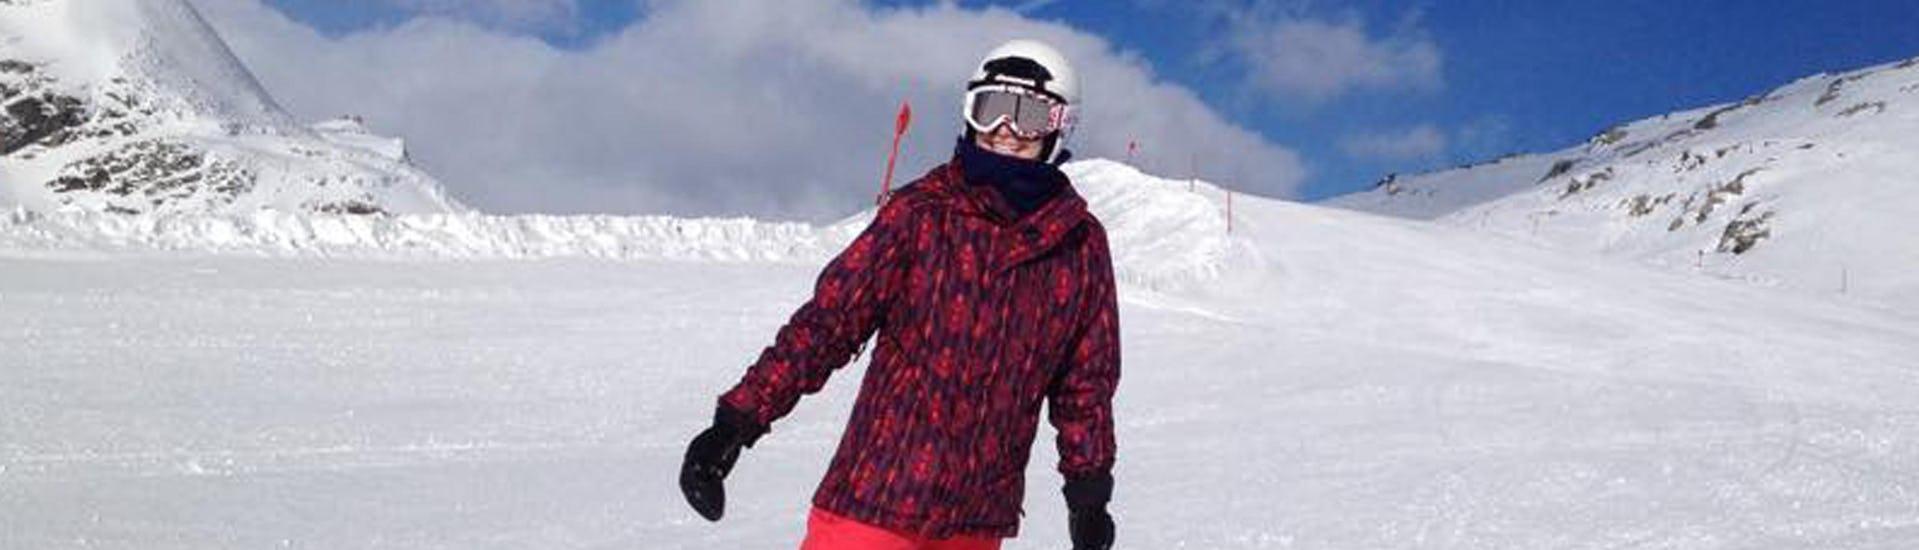 Snowboard Privatlehrer - Fortgeschritten